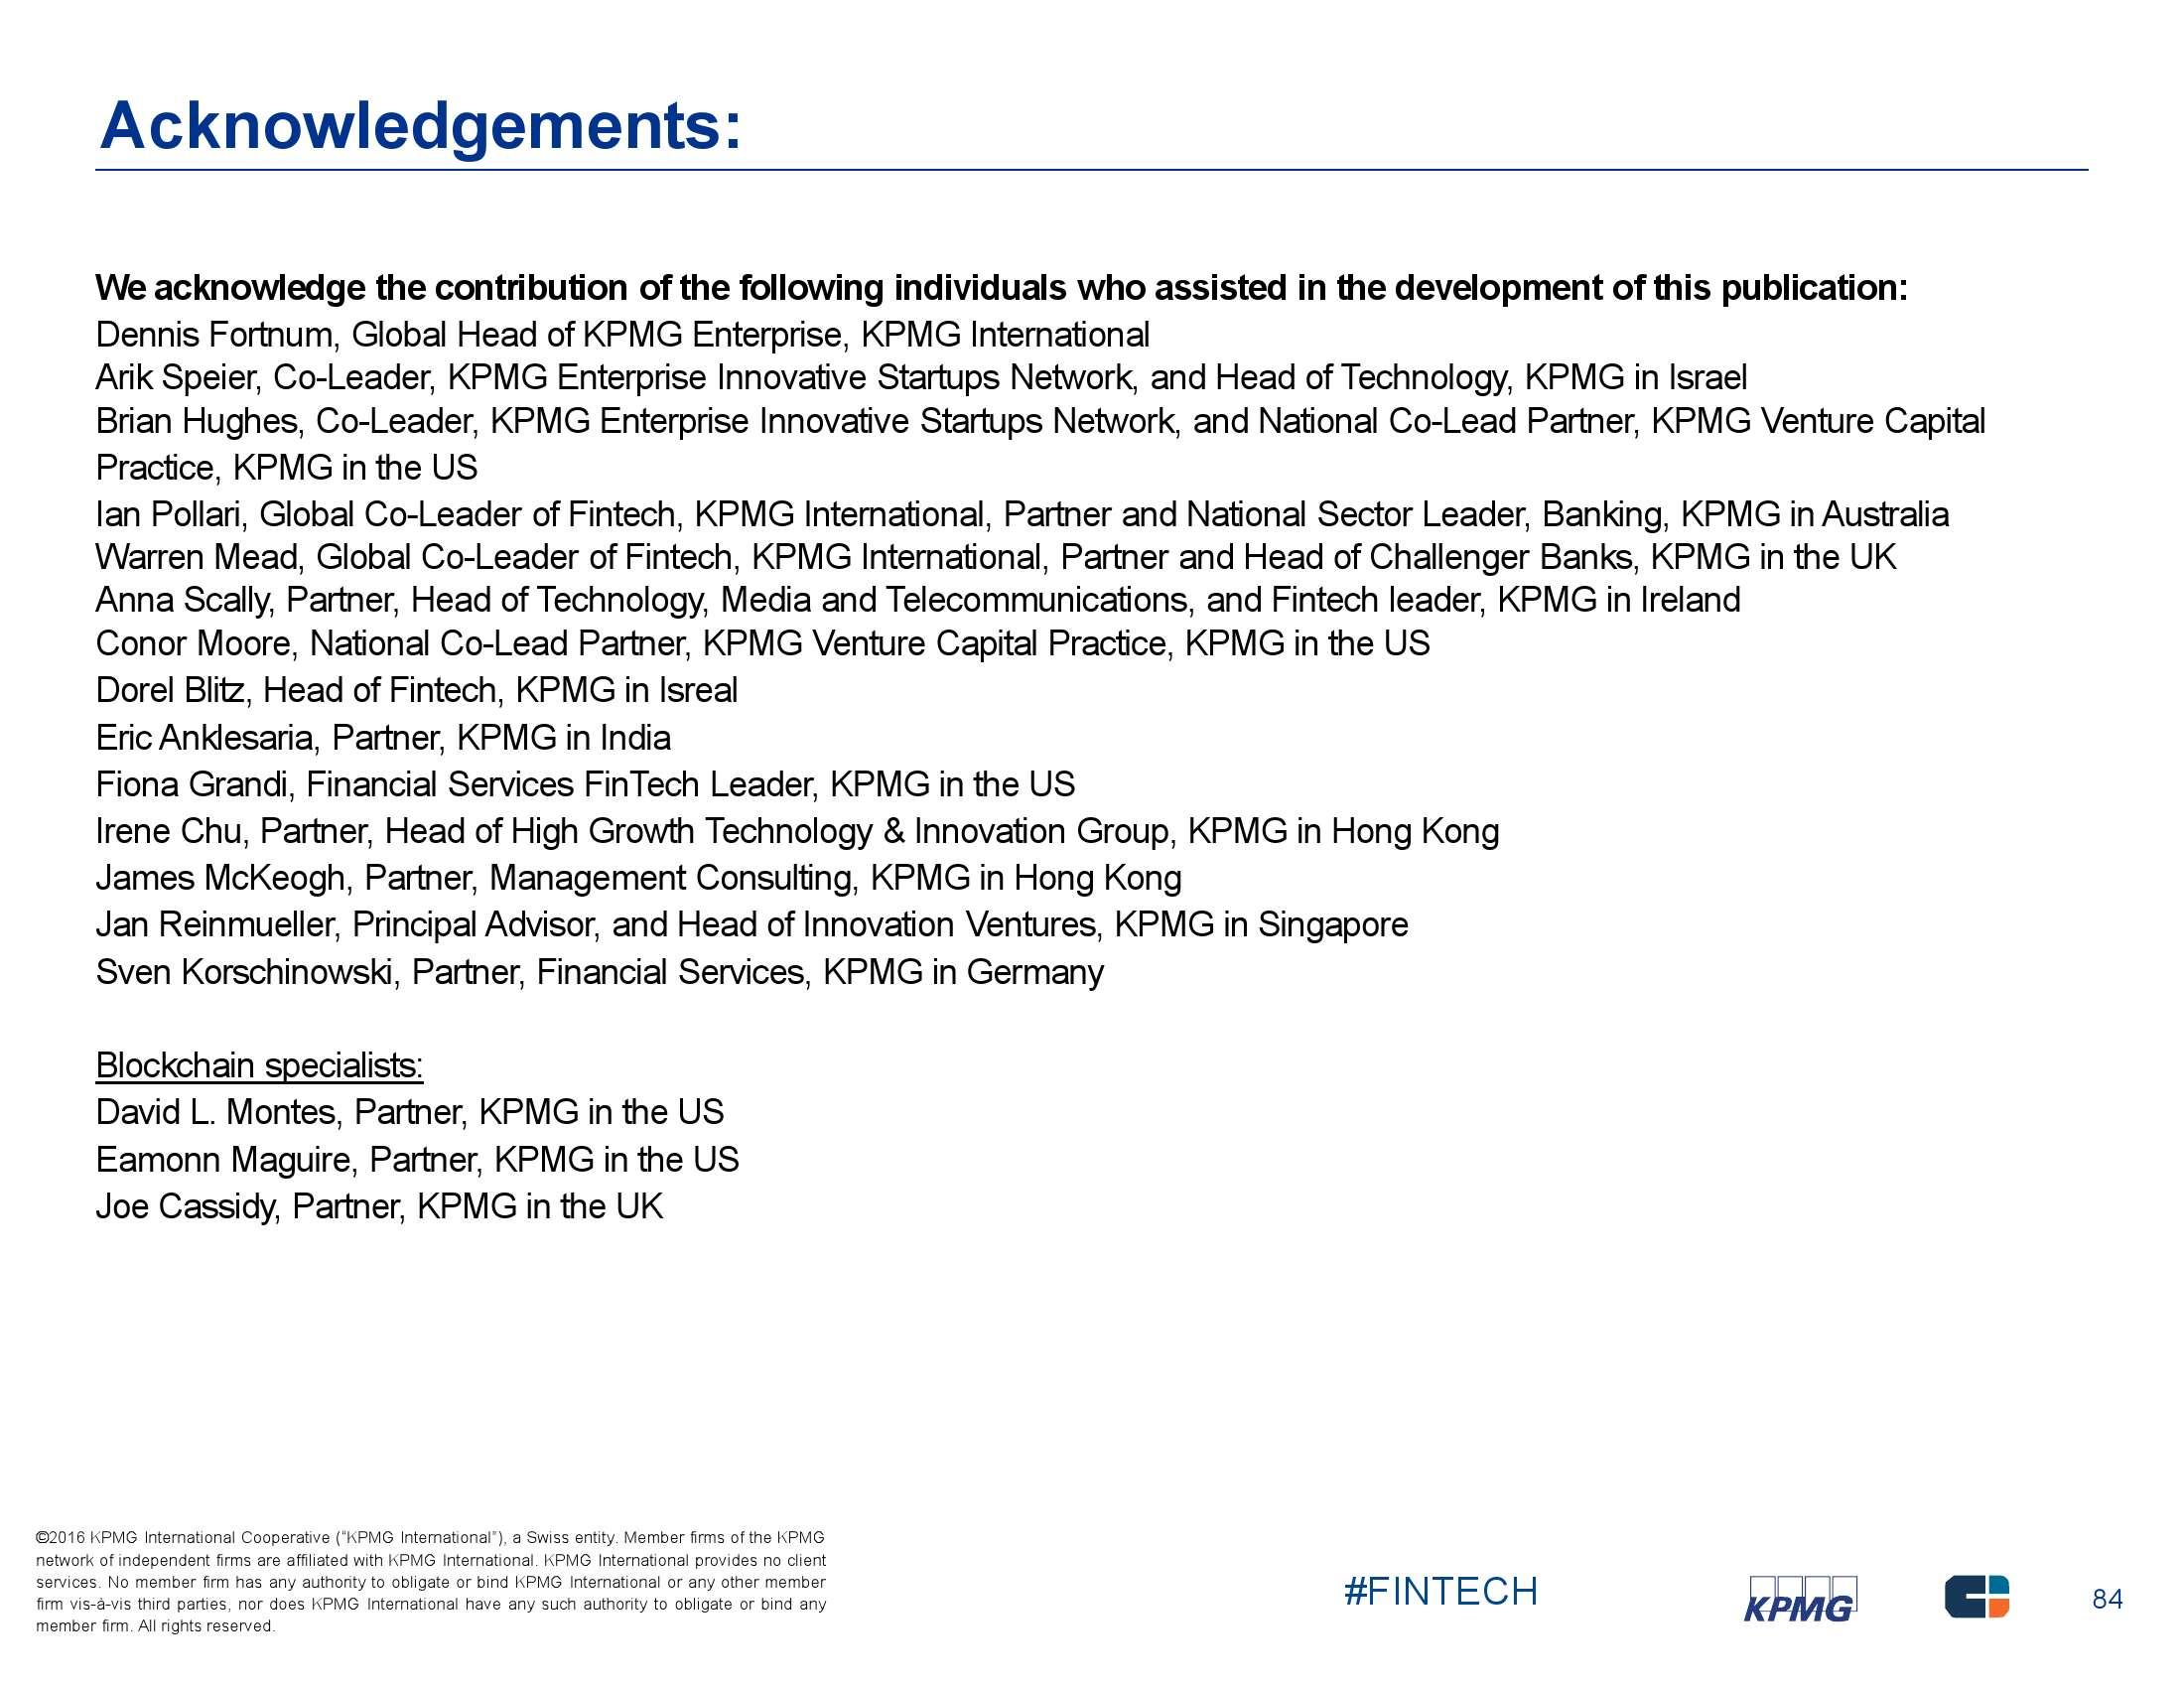 毕马威:2015年全球互联网金融报告_000084